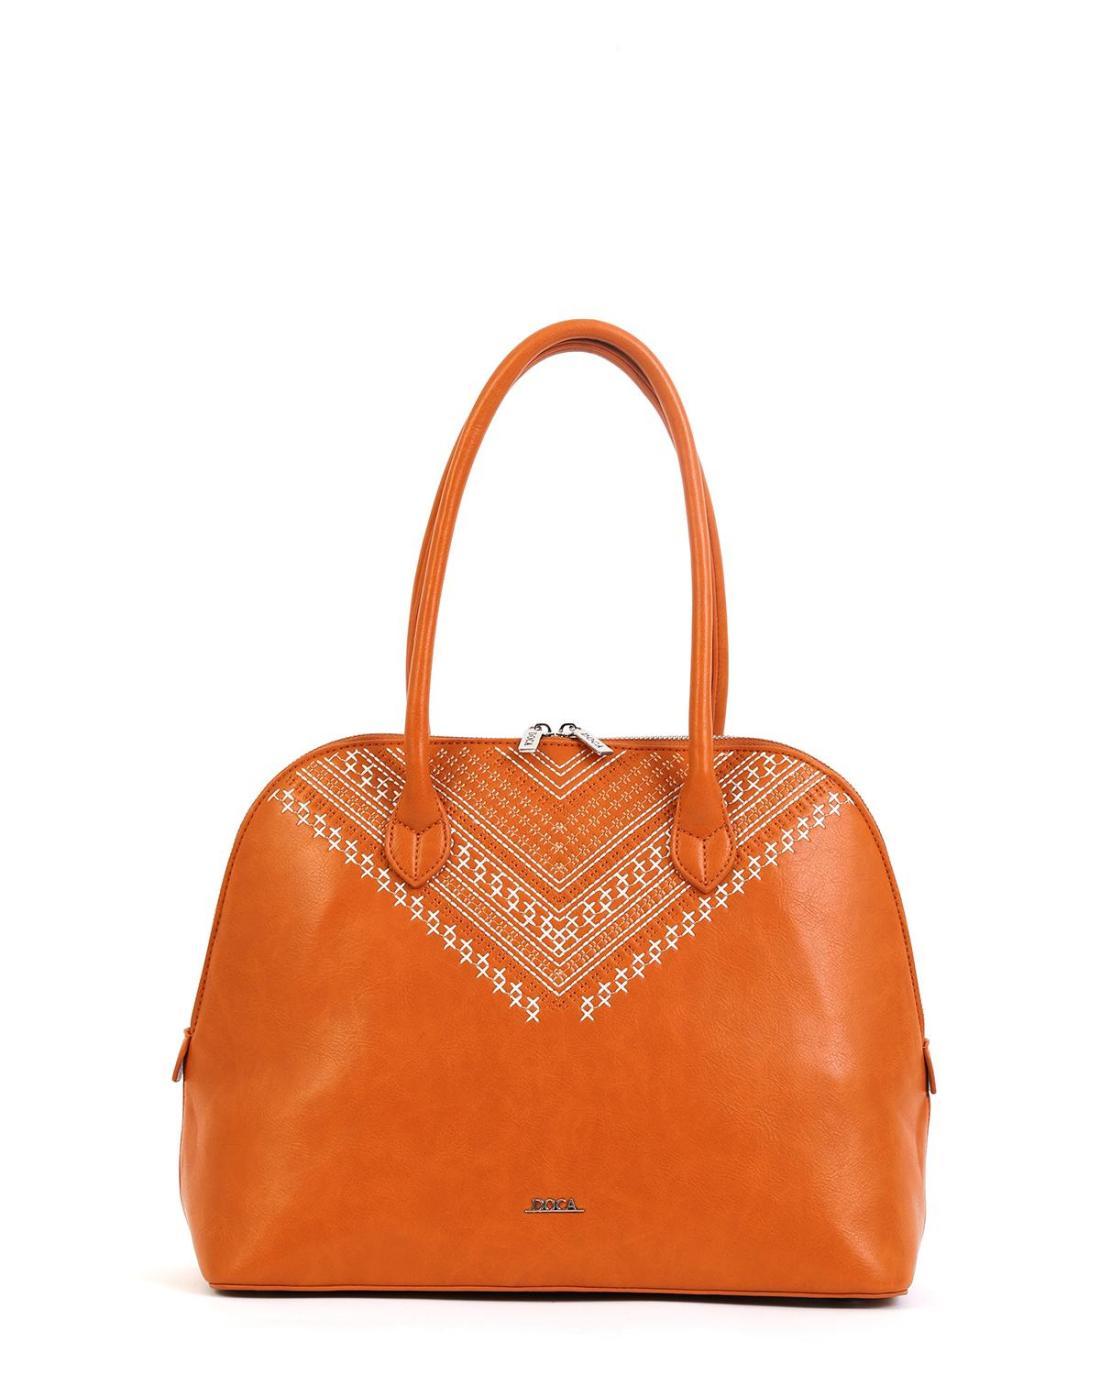 Camel handbag